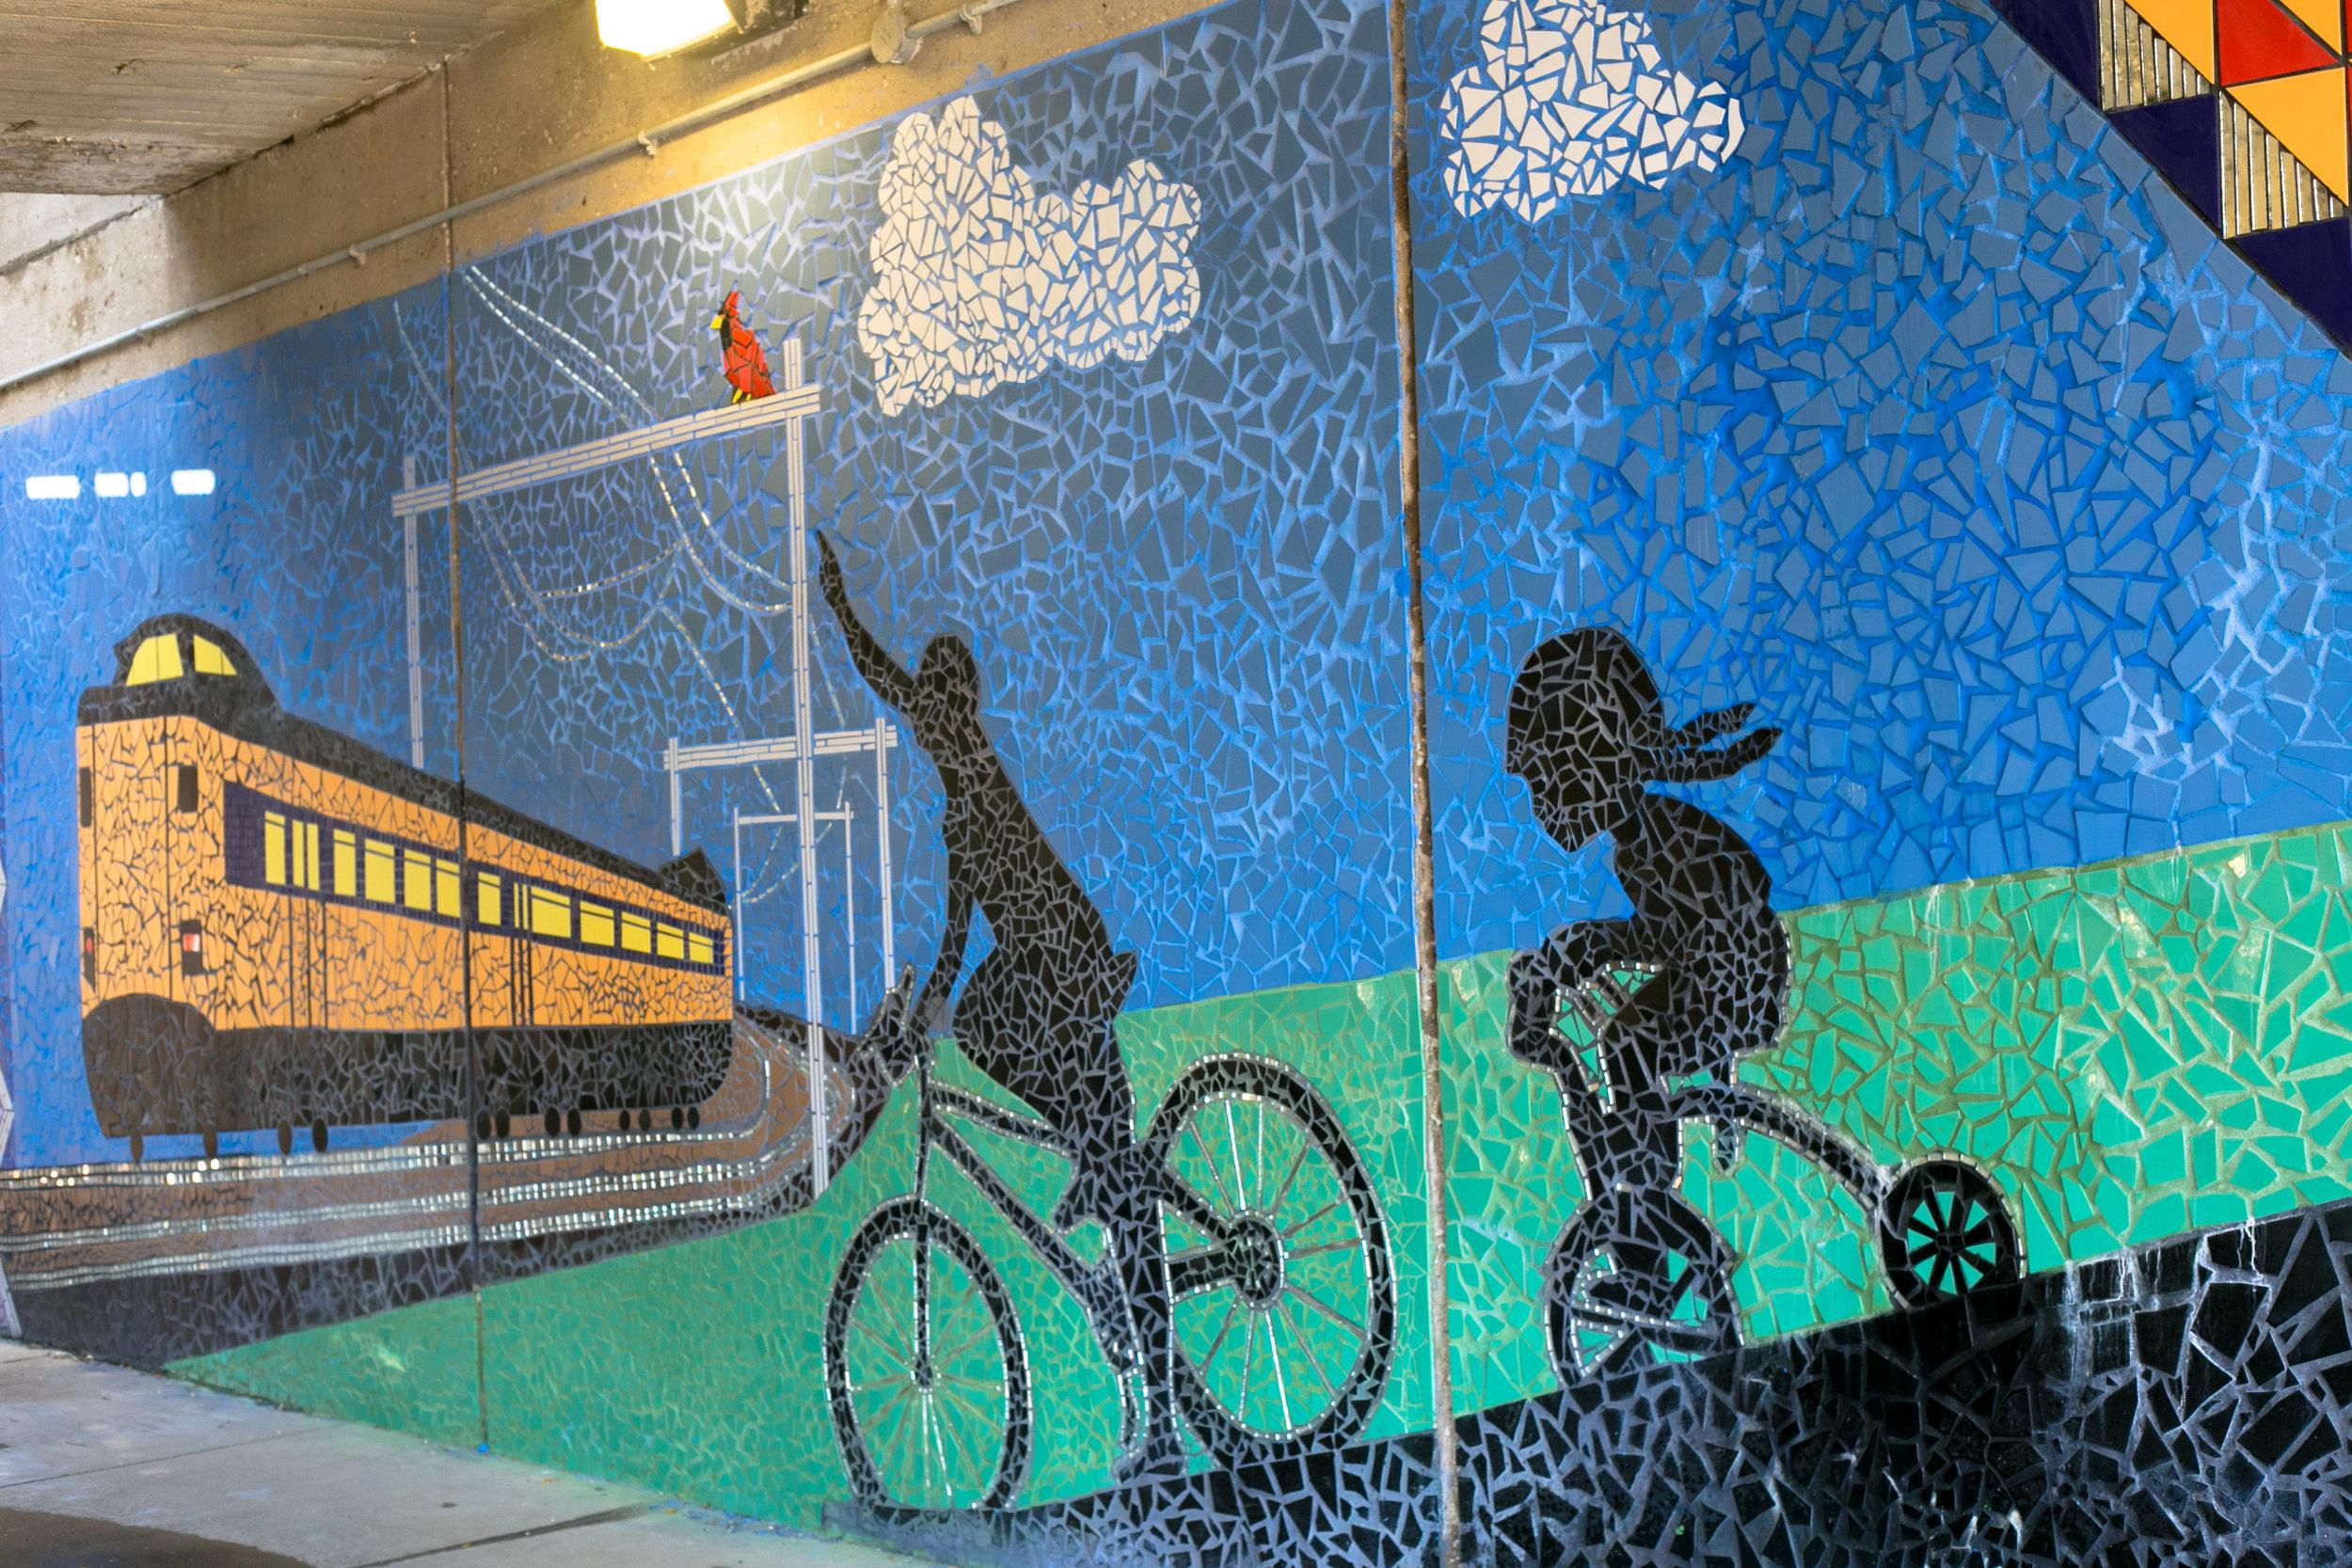 mural-0078.jpg